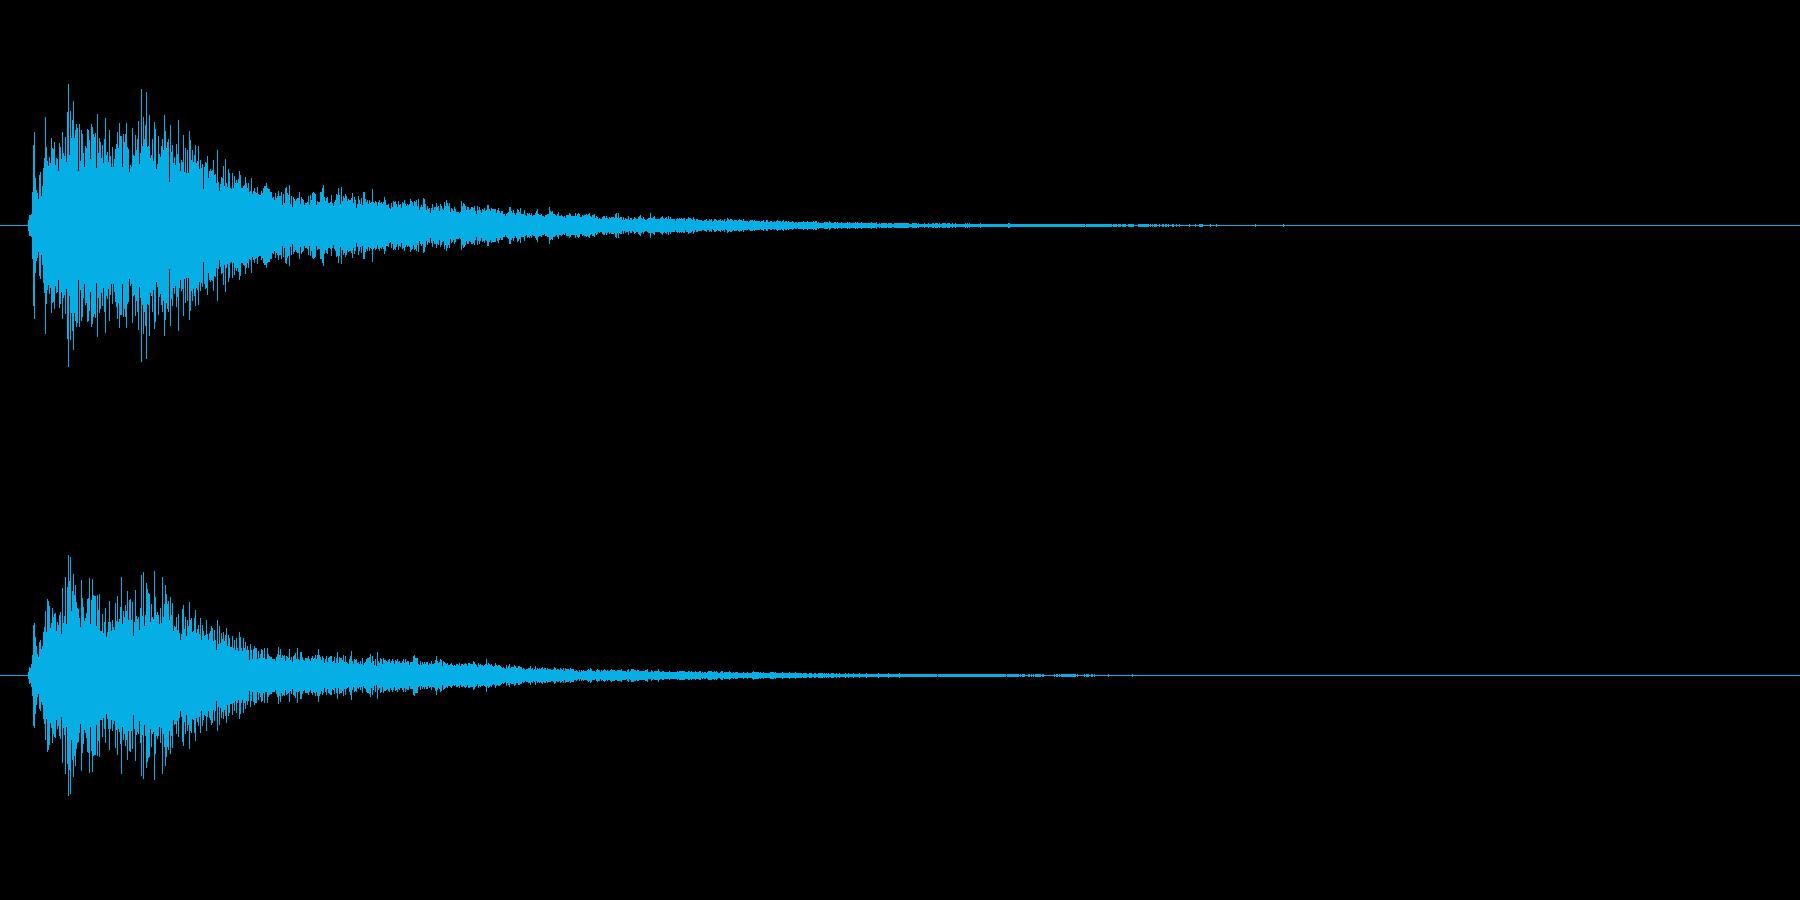 【ジャジャーン】オーケストラヒット2音の再生済みの波形